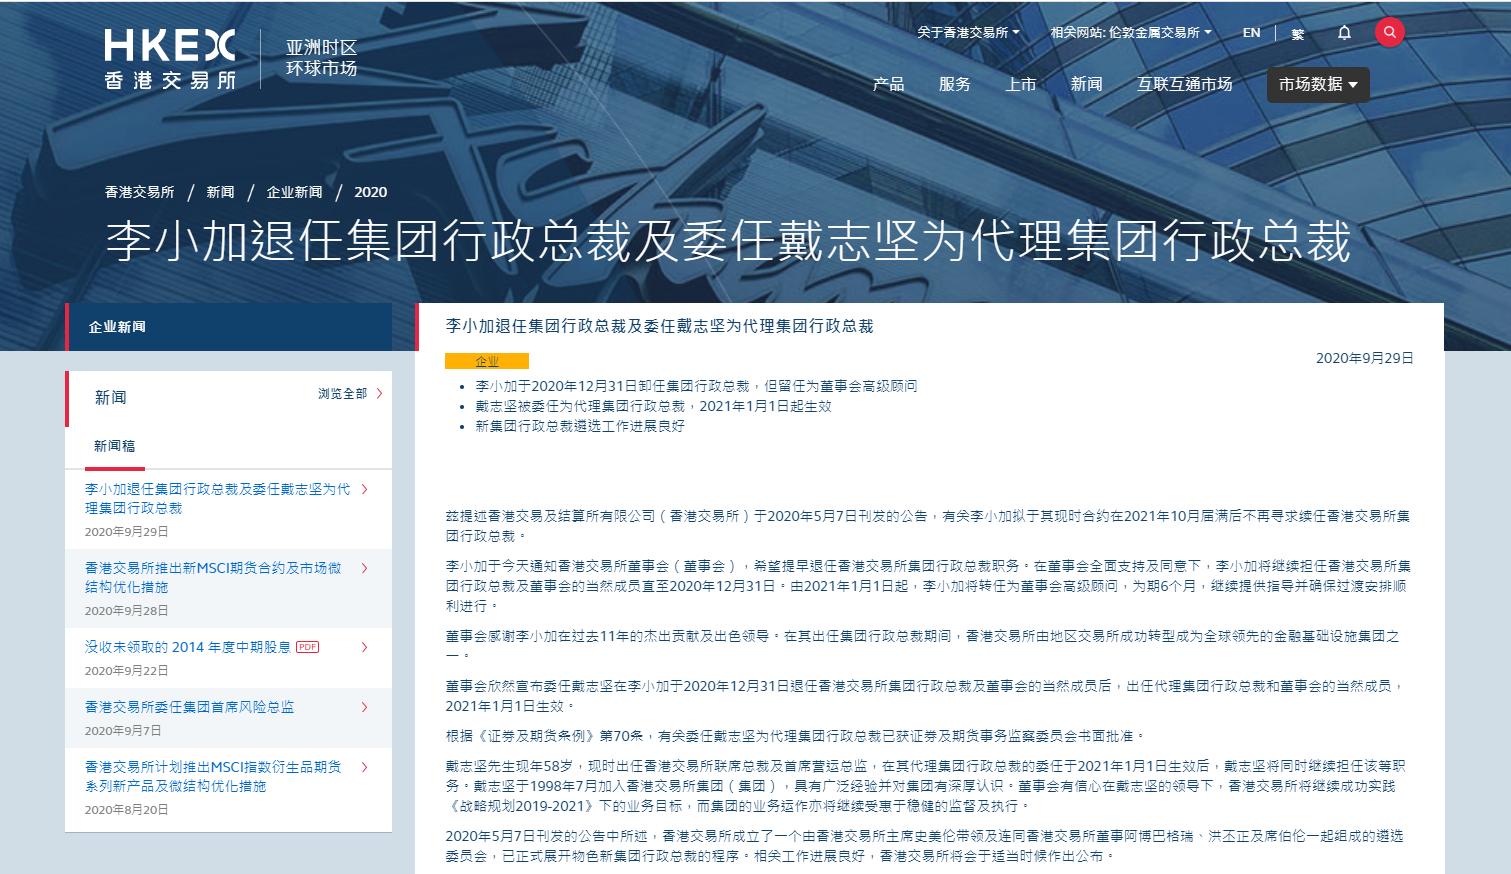 香港交易所:集团行政总裁李小加将提前退休